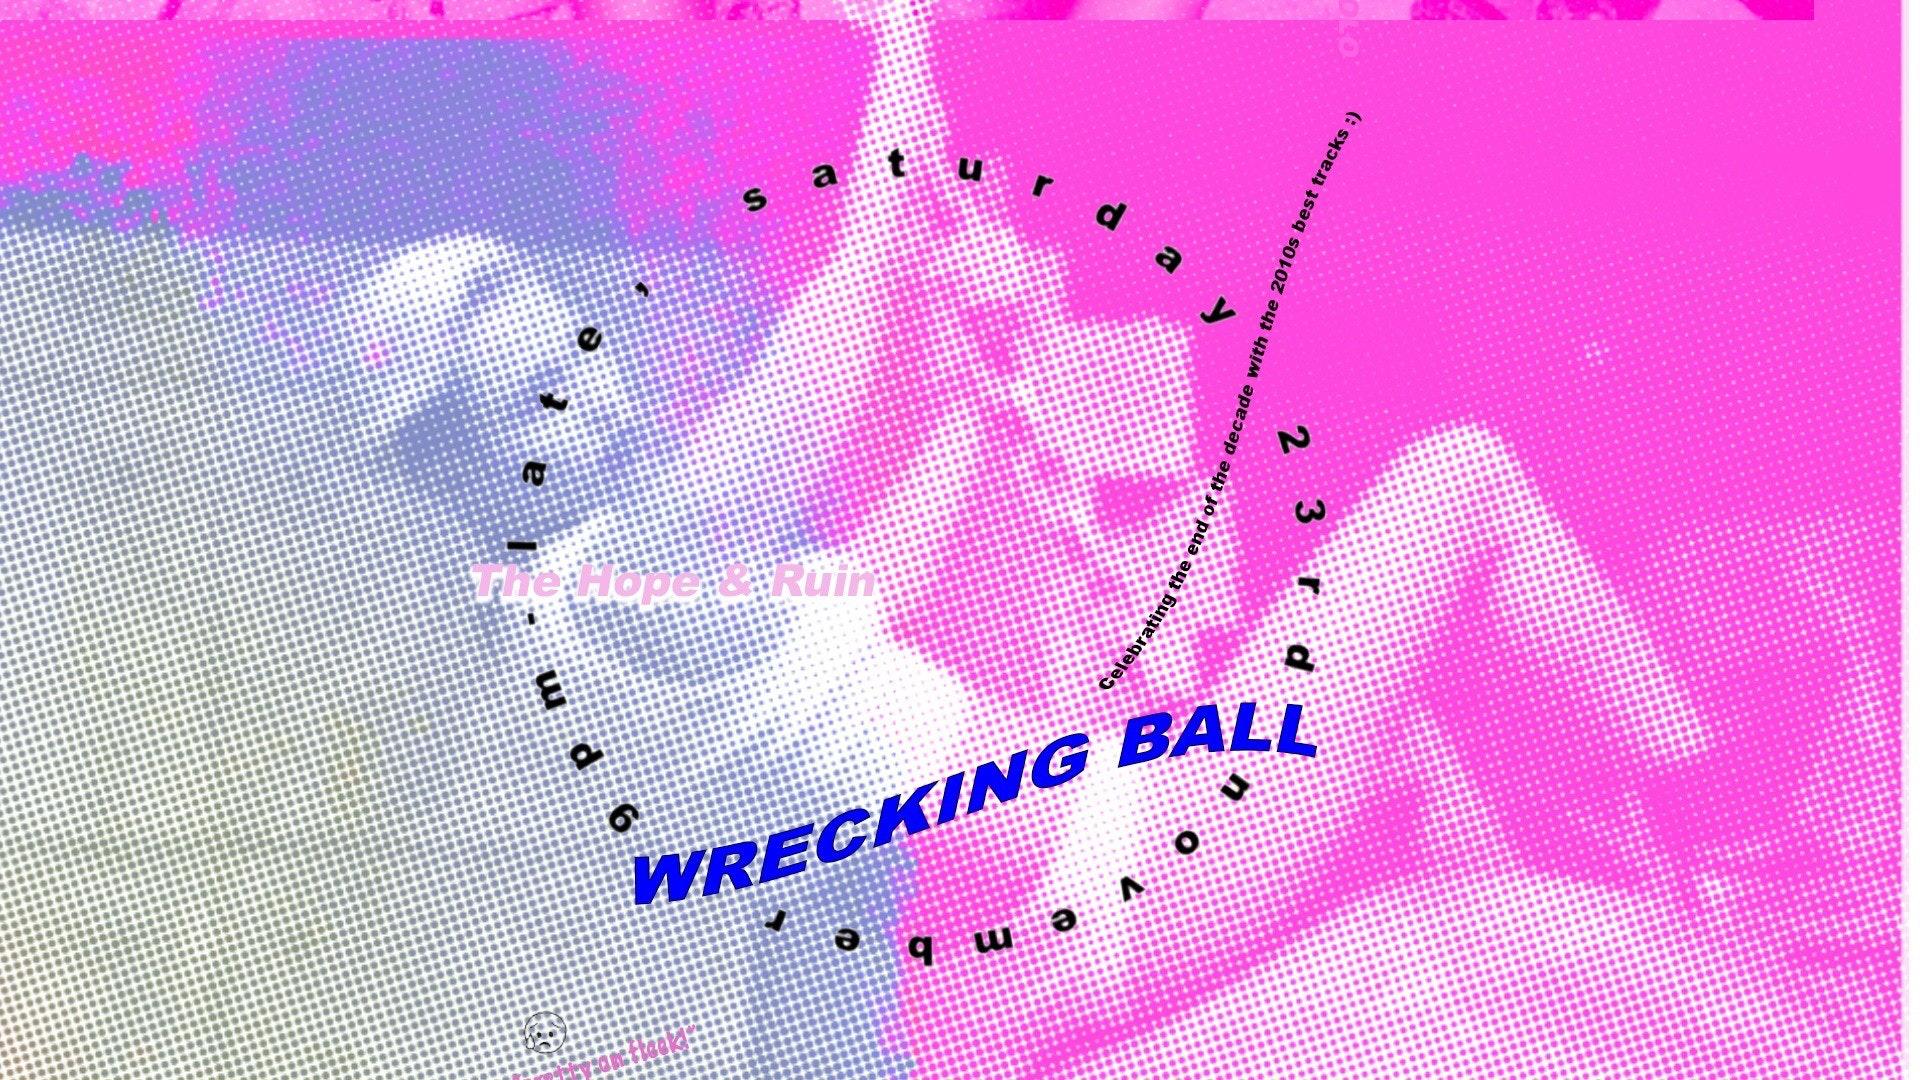 Wrecking Ball // Free Entry // 2010s DJ night